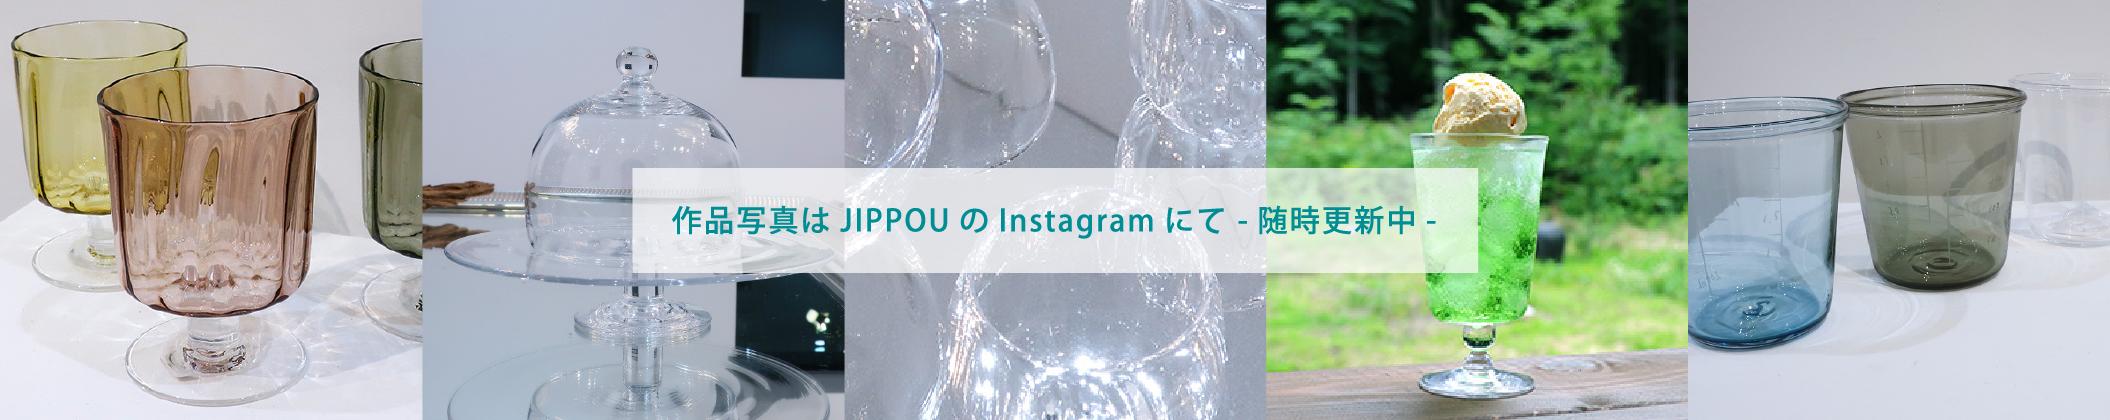 作品写真はJIPPOUのInstagramにて -随時更新中-